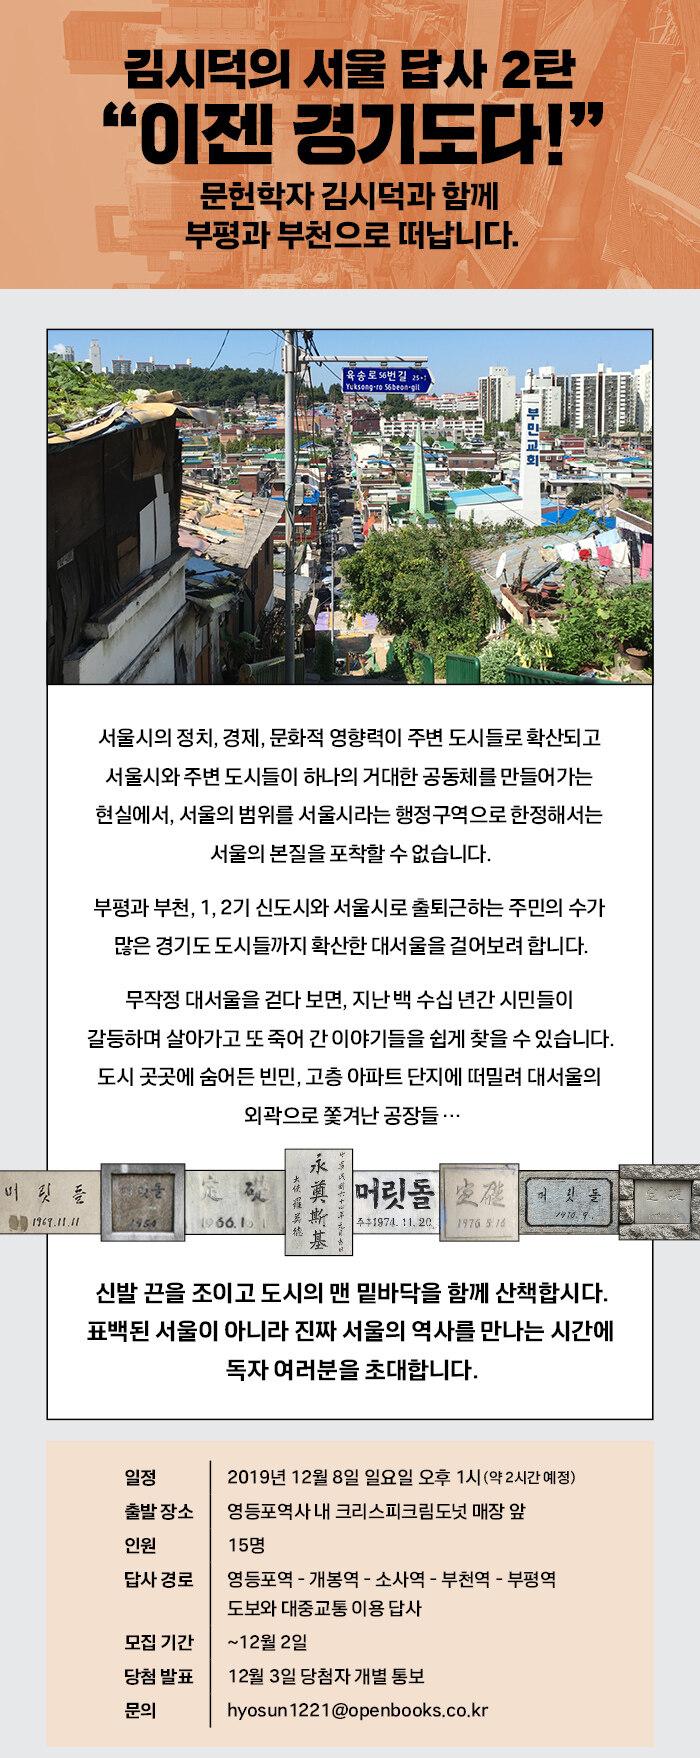 <갈등 도시> 김시덕 저자와 함께하는 서울 걷기